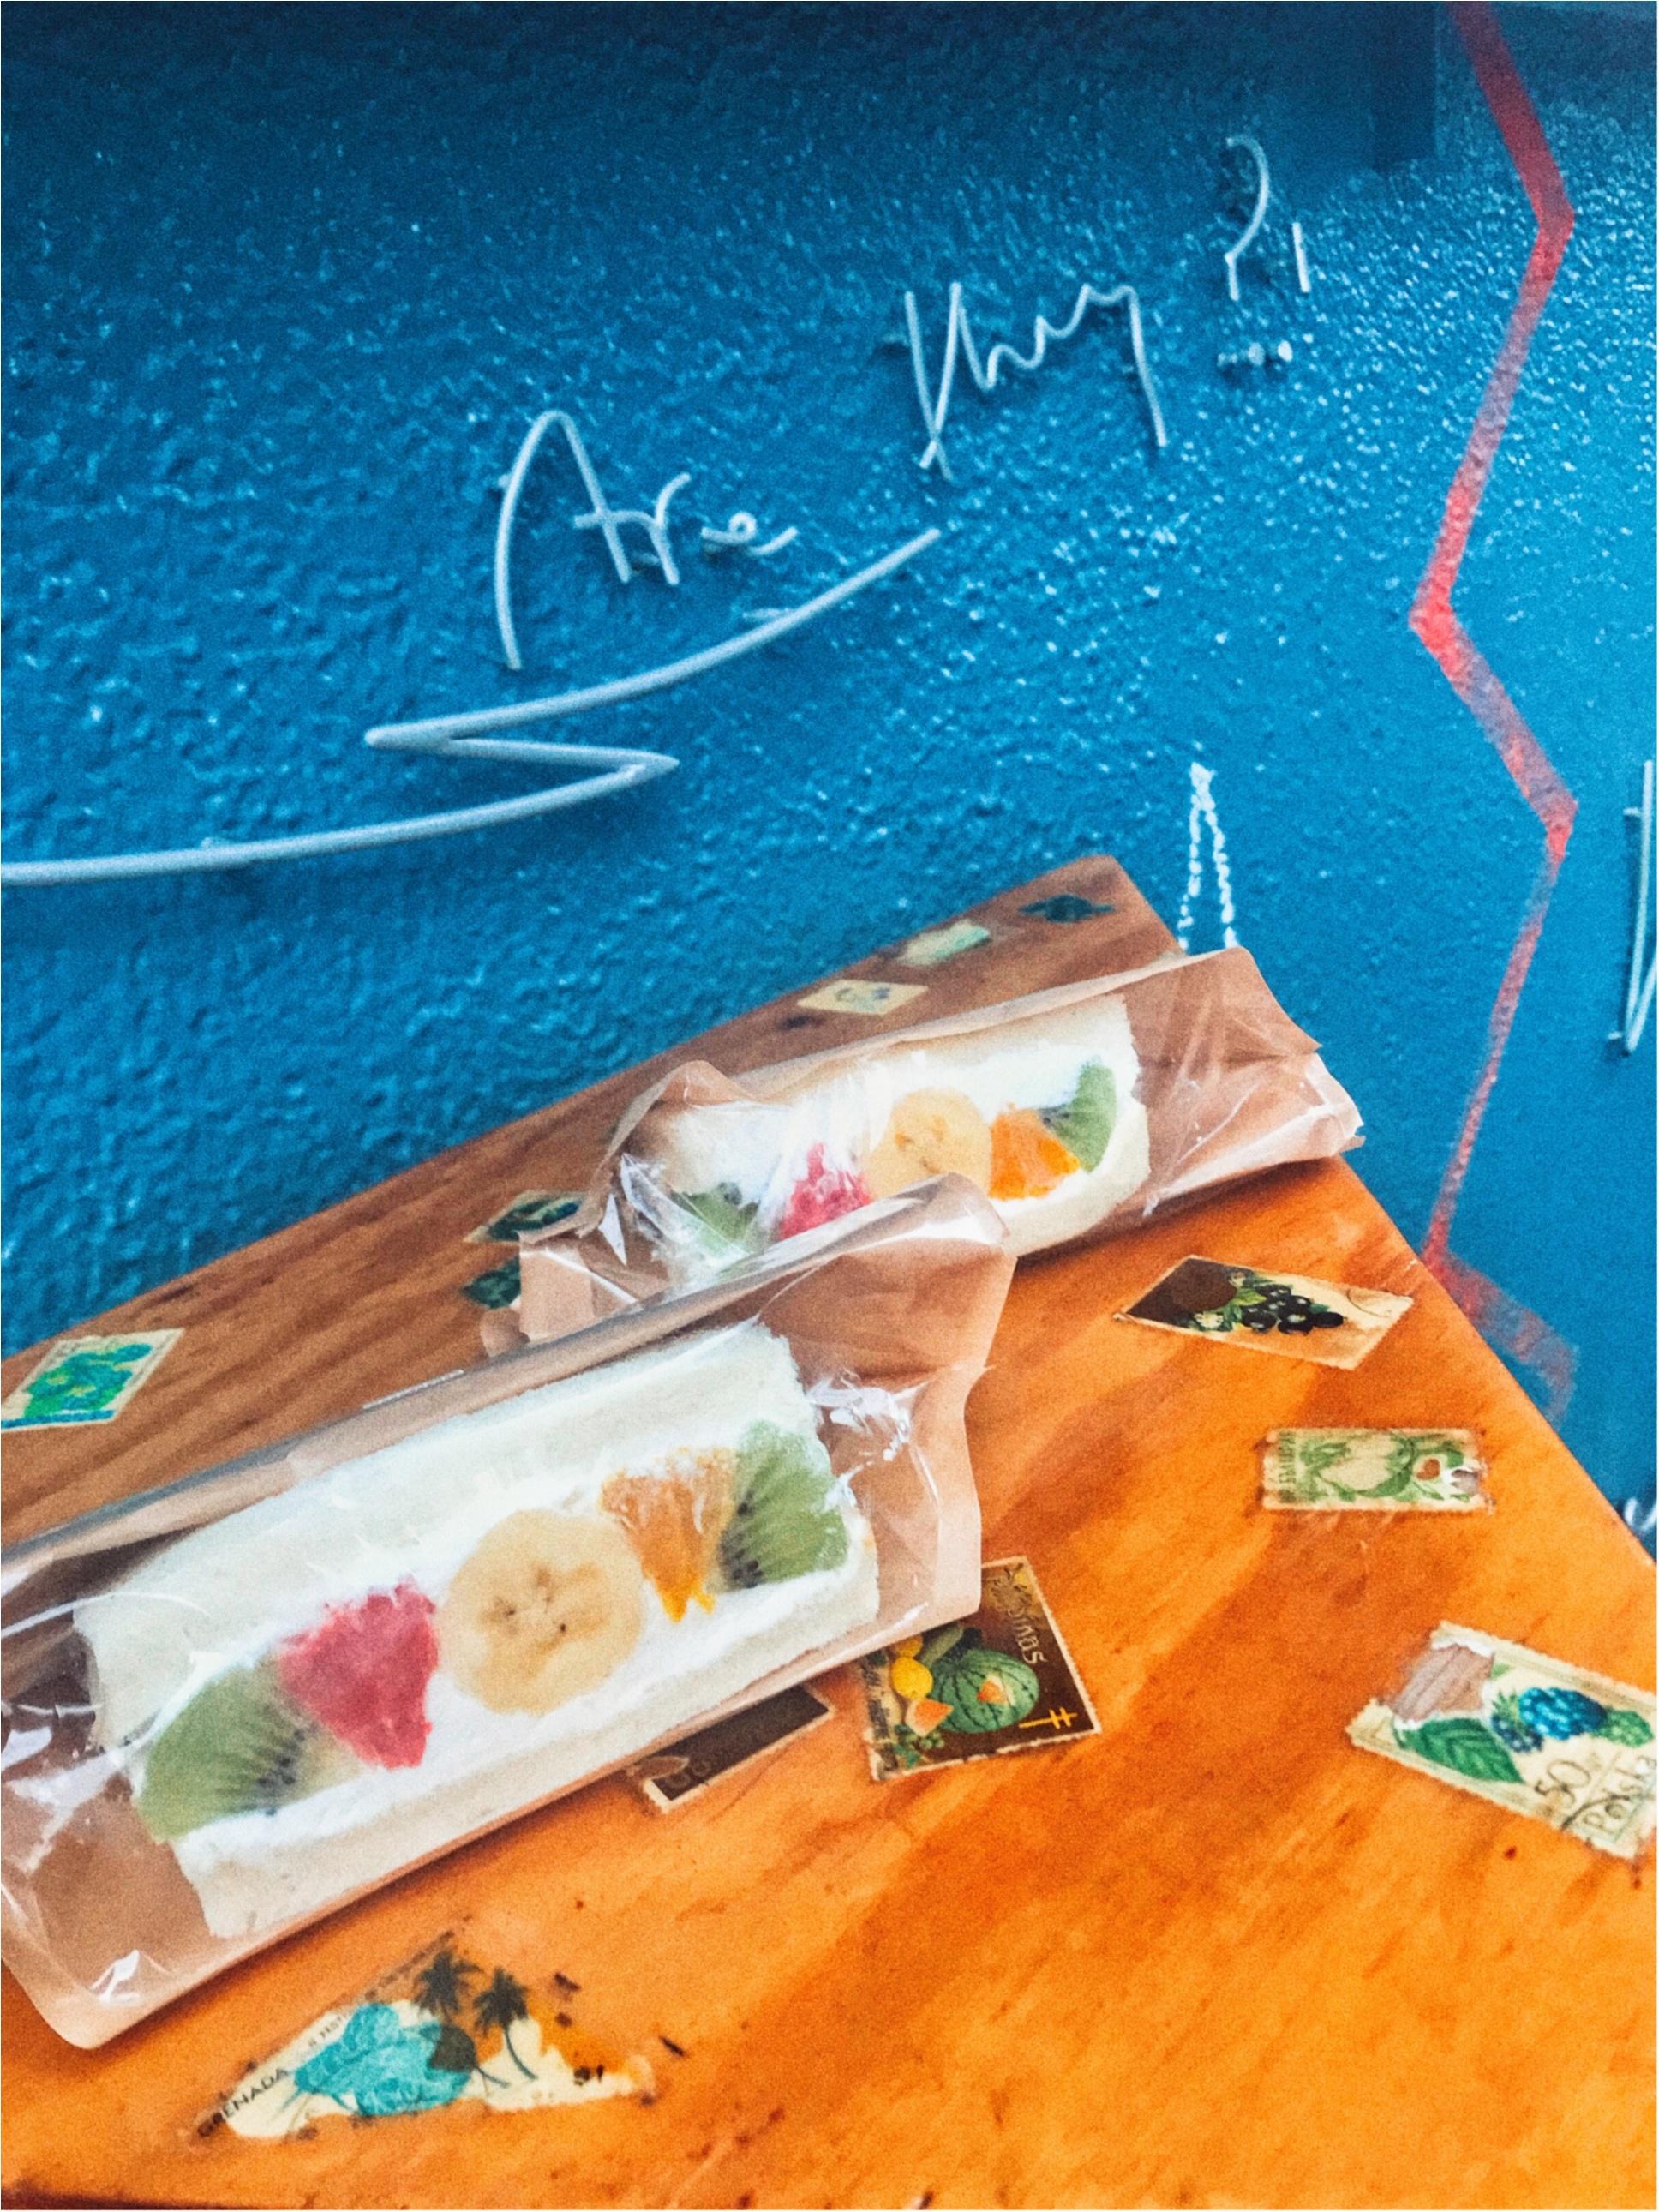 【フツウニフルウツ】カラフル可愛すぎなインスタ映えサンドイッチ( ¨̮  )♡見た目も味もお店も最高に映えるスポットご紹介☝︎_3